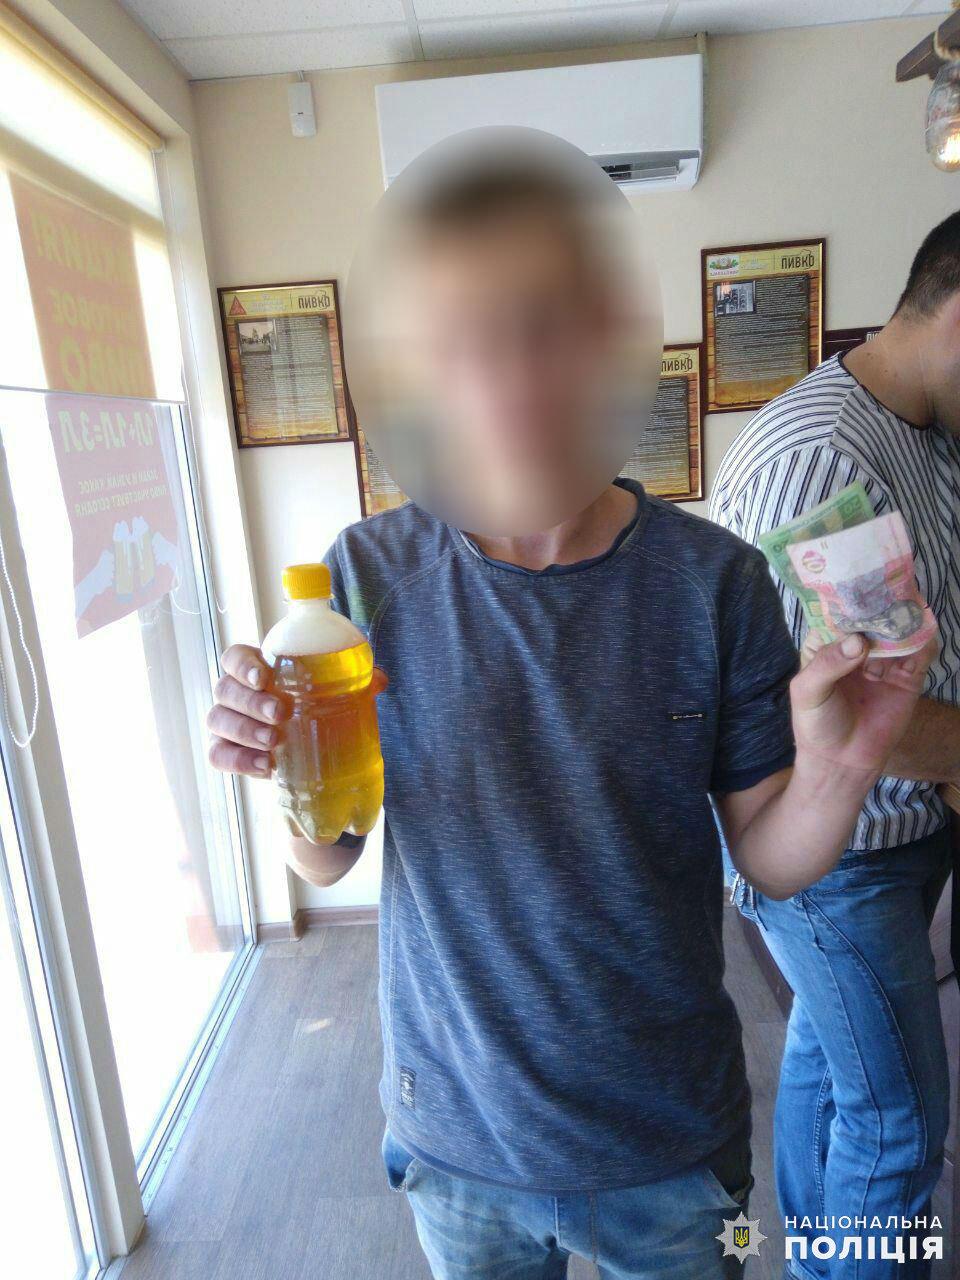 В Дружковке выписали штраф за продажу алкоголя подростку, фото-1